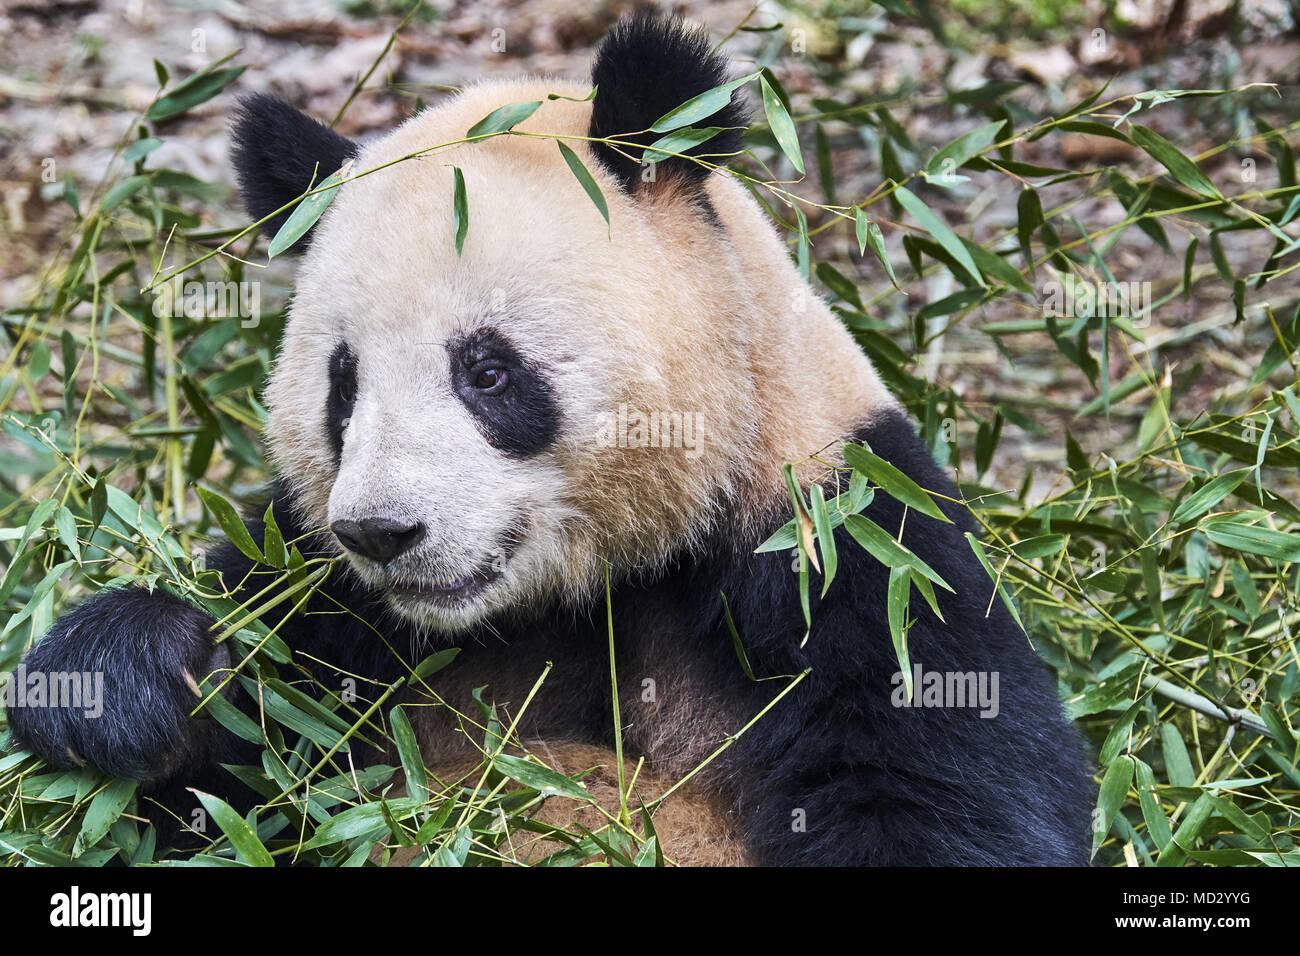 La Chine, la province du Sichuan, Chengdu, Chengdu panda géant centre de recherche de reproduction Photo Stock